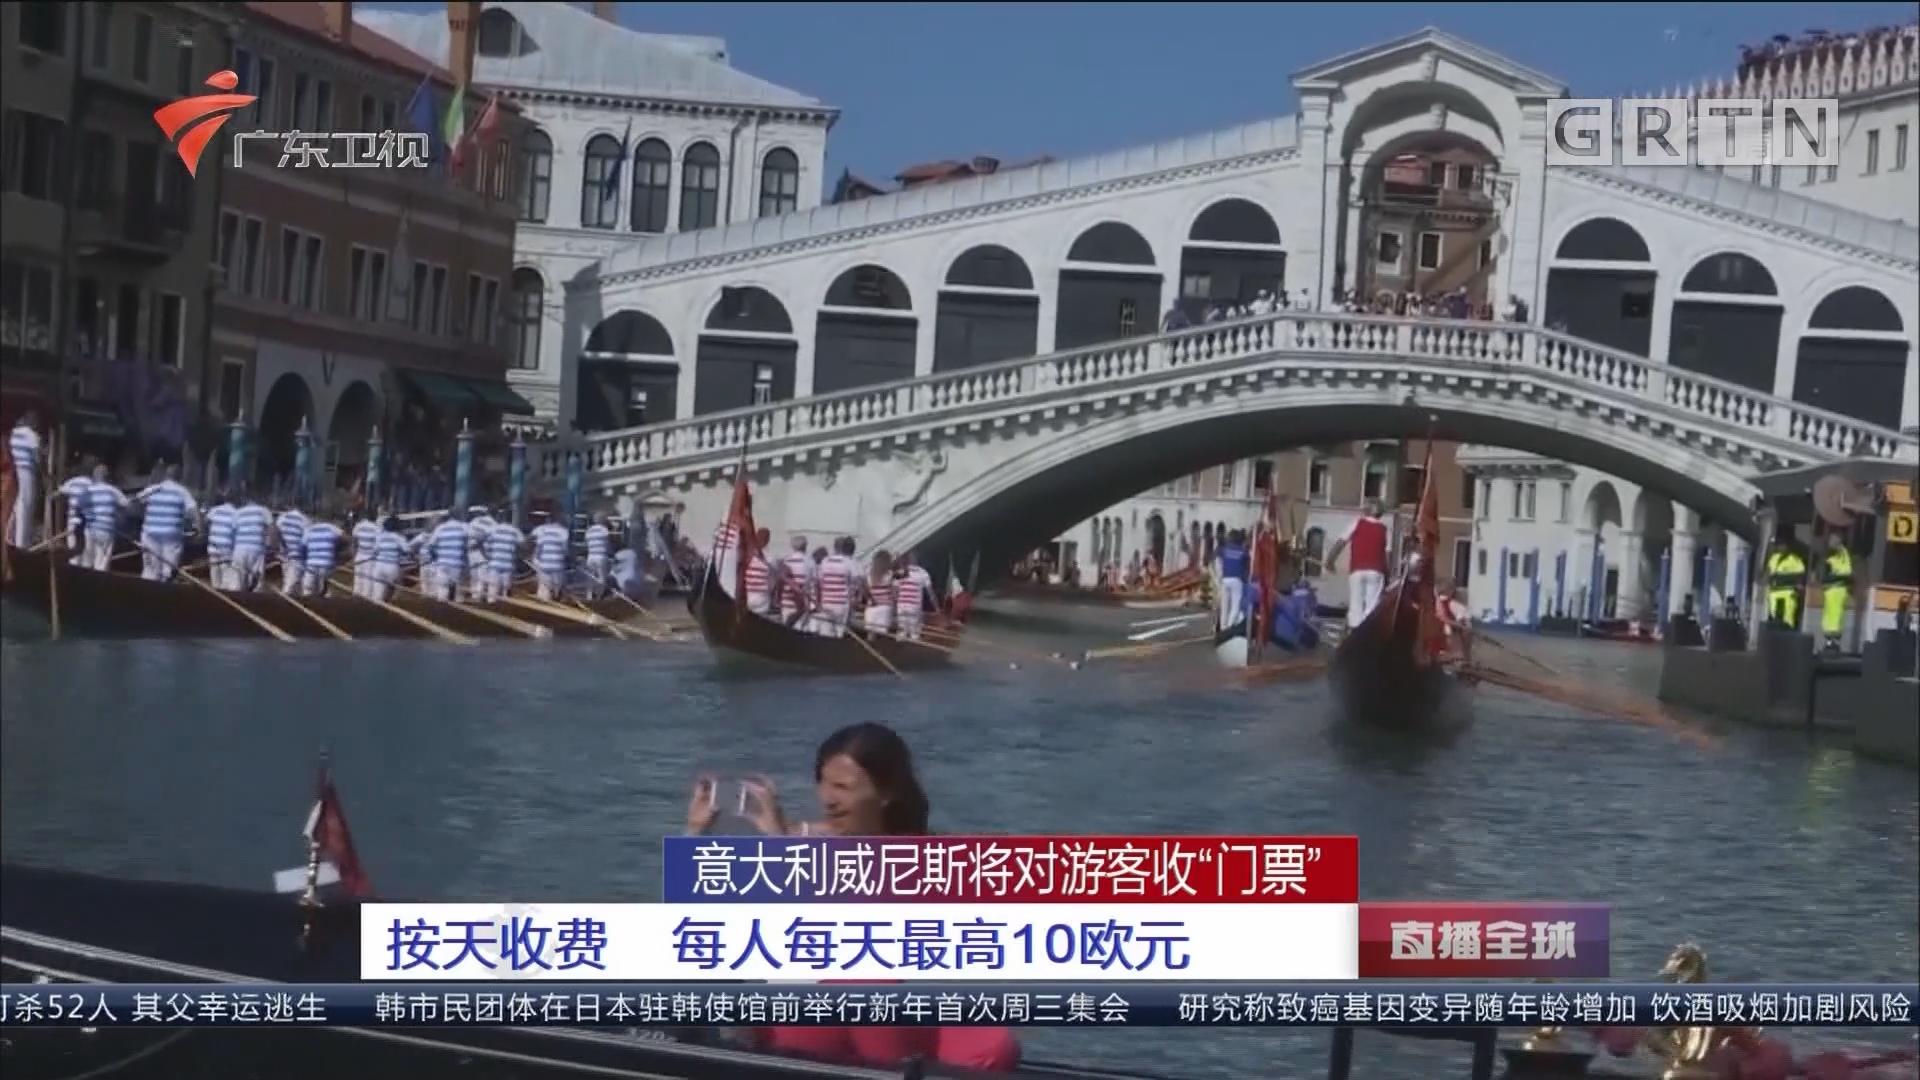 """意大利威尼斯将对游客收""""门票"""":按天收费 每人每天最高10欧元"""